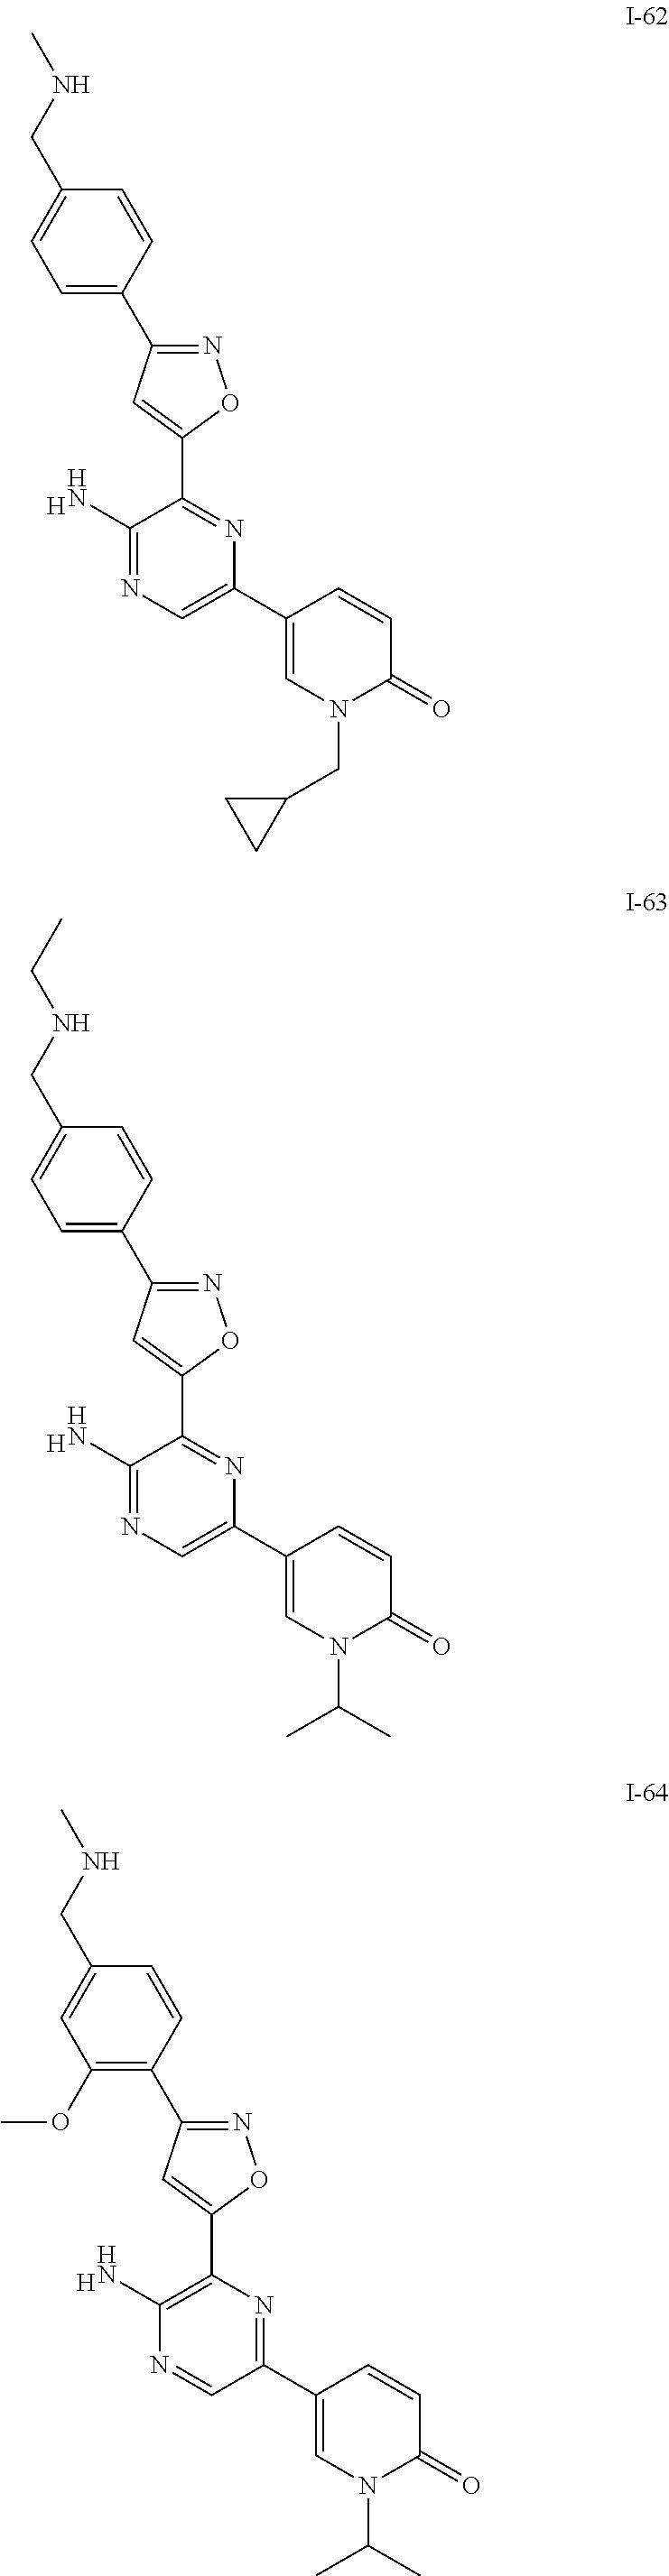 Figure US09630956-20170425-C00238